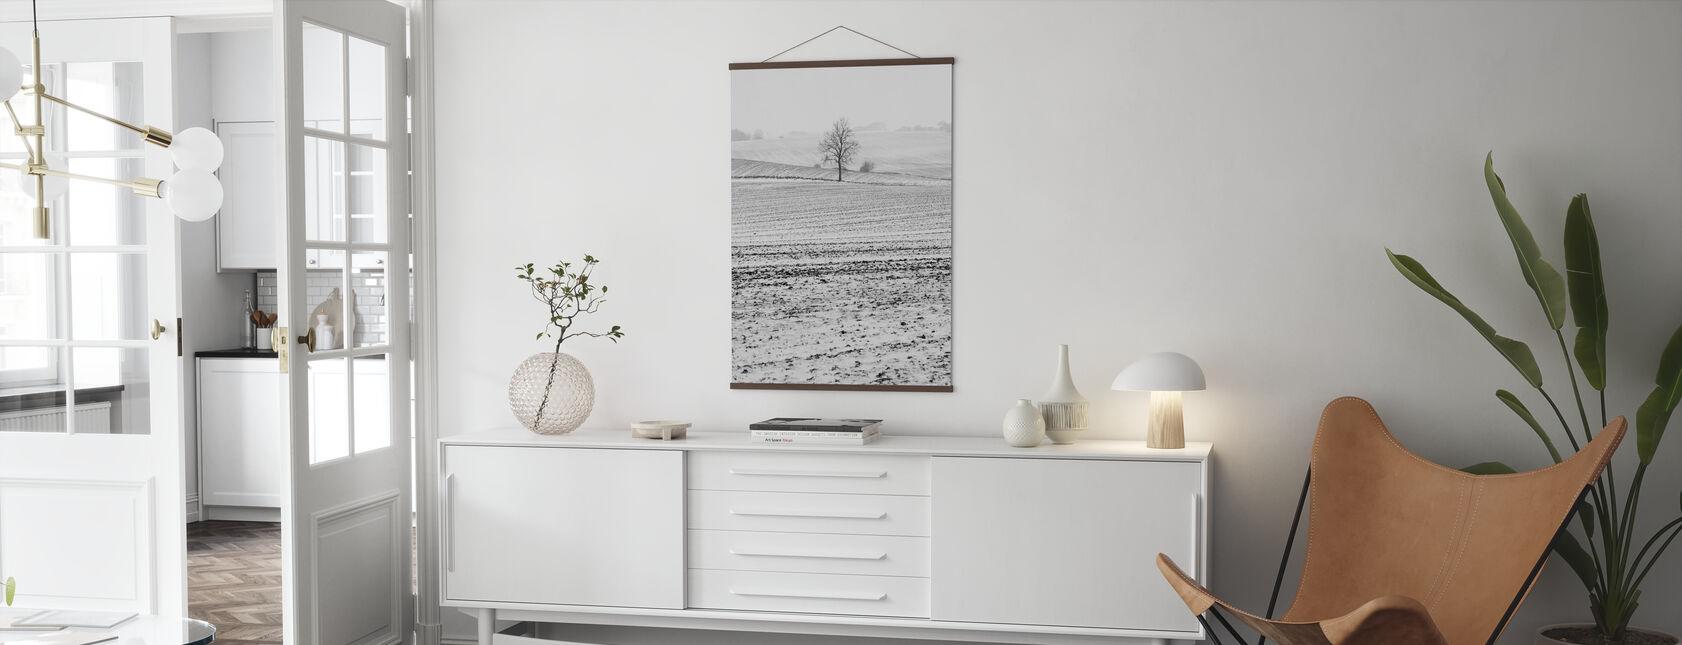 Fields in Anderslöv, Sweden - Plakat - Pokój dzienny